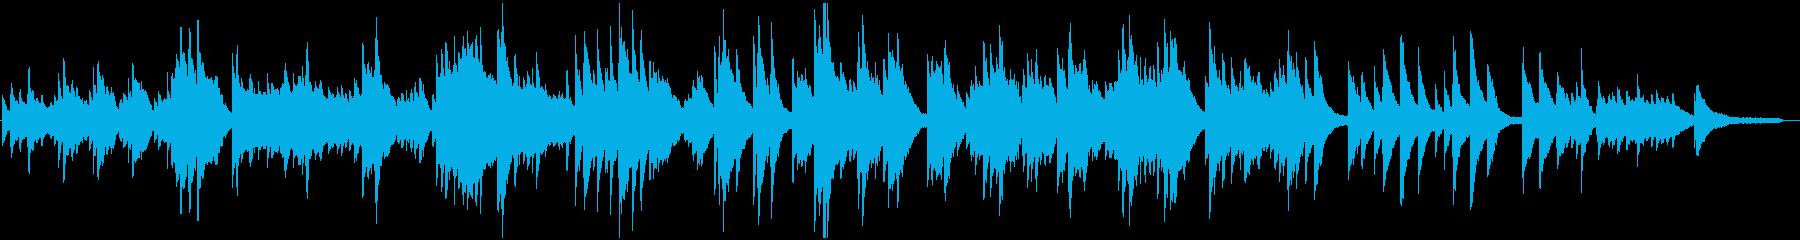 さみしさのある切ないピアノ曲の再生済みの波形